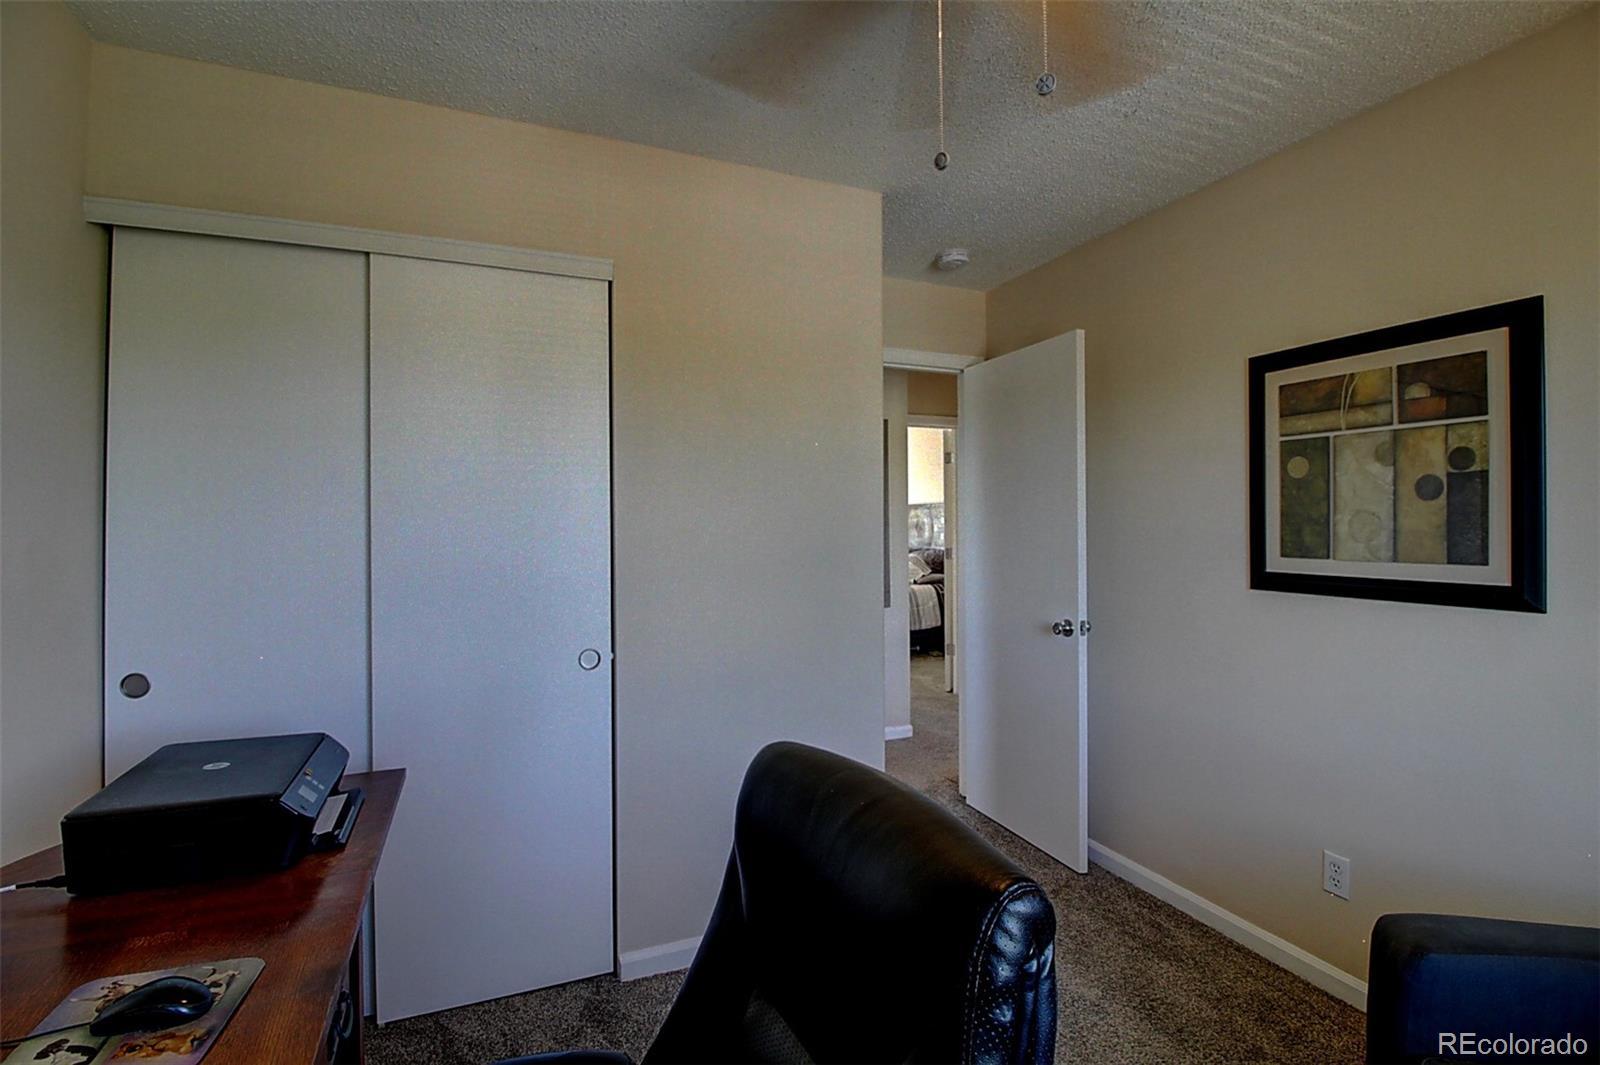 MLS# 8403615 - 26 - 3505 Larkspur Drive, Longmont, CO 80503